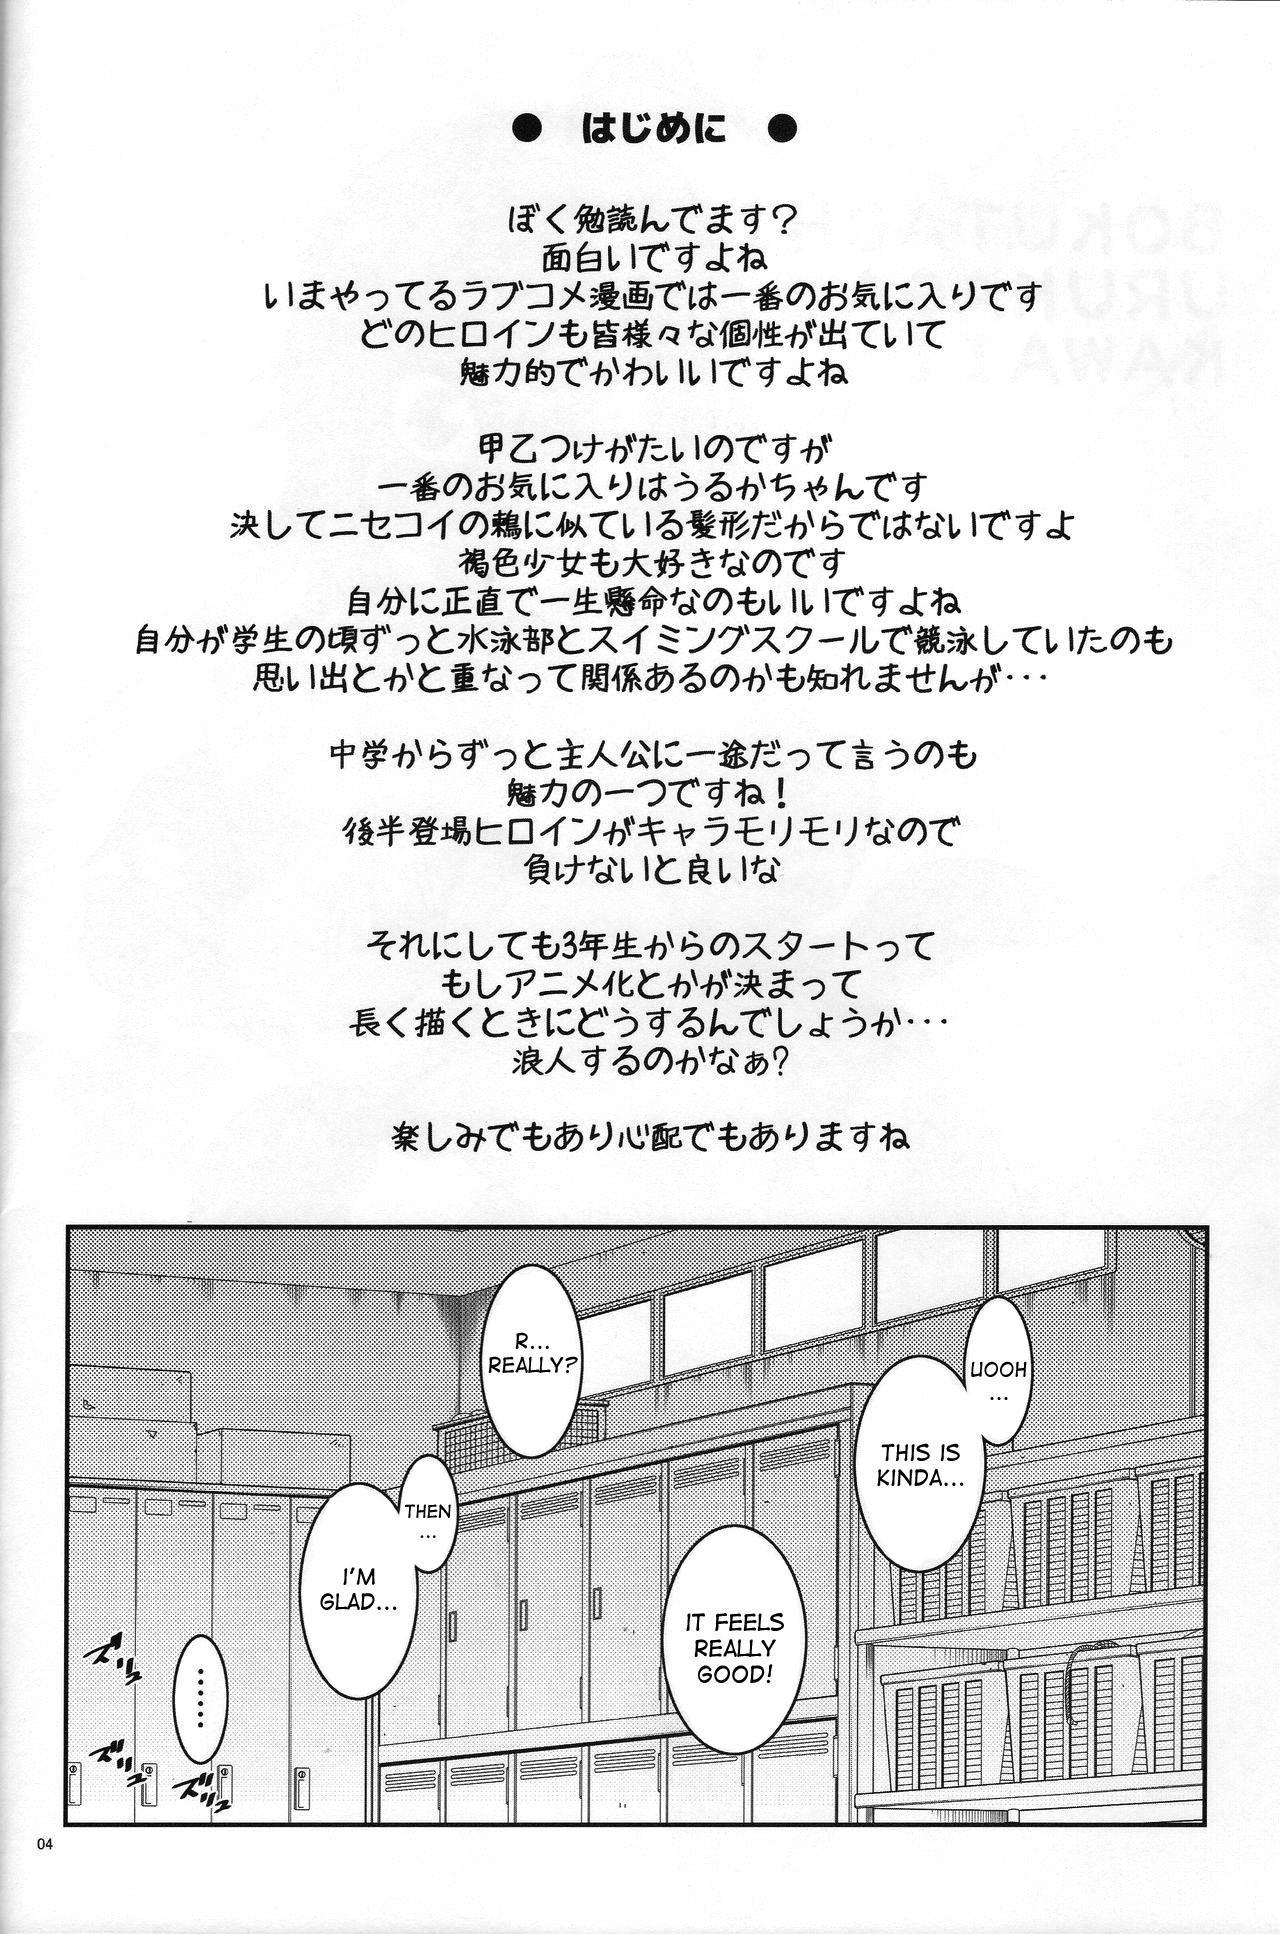 BOKUTACHIHA URUKAGA KAWAII 2